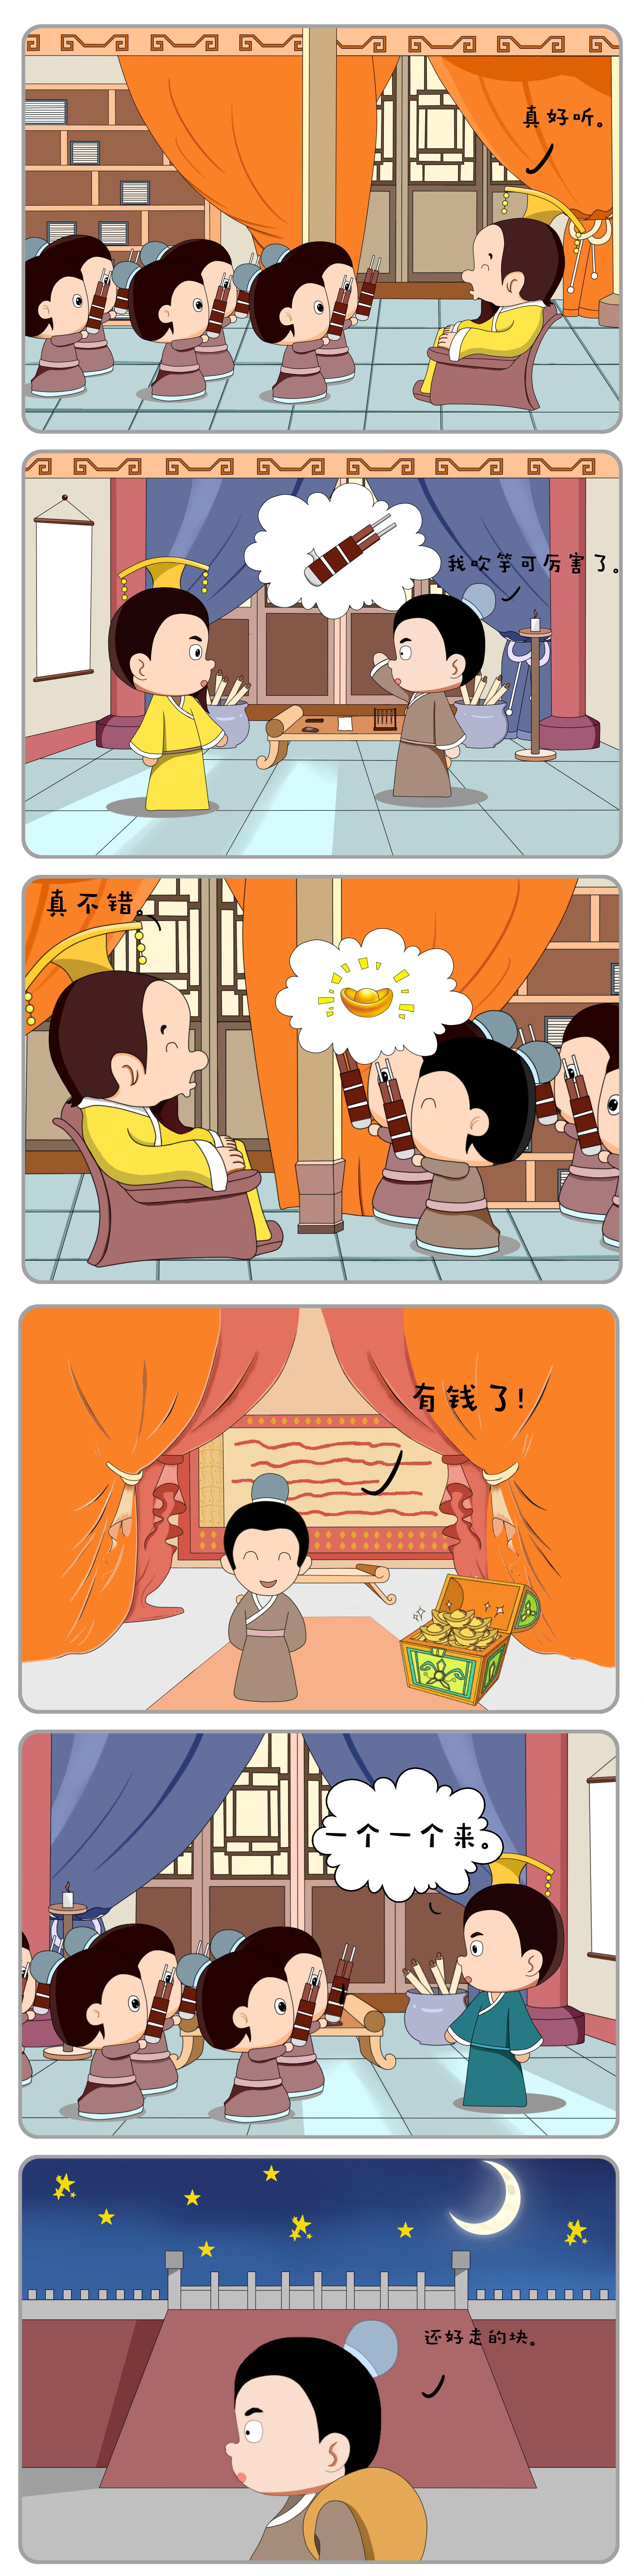 001爱上妈妈的故事——滥竽充数图片